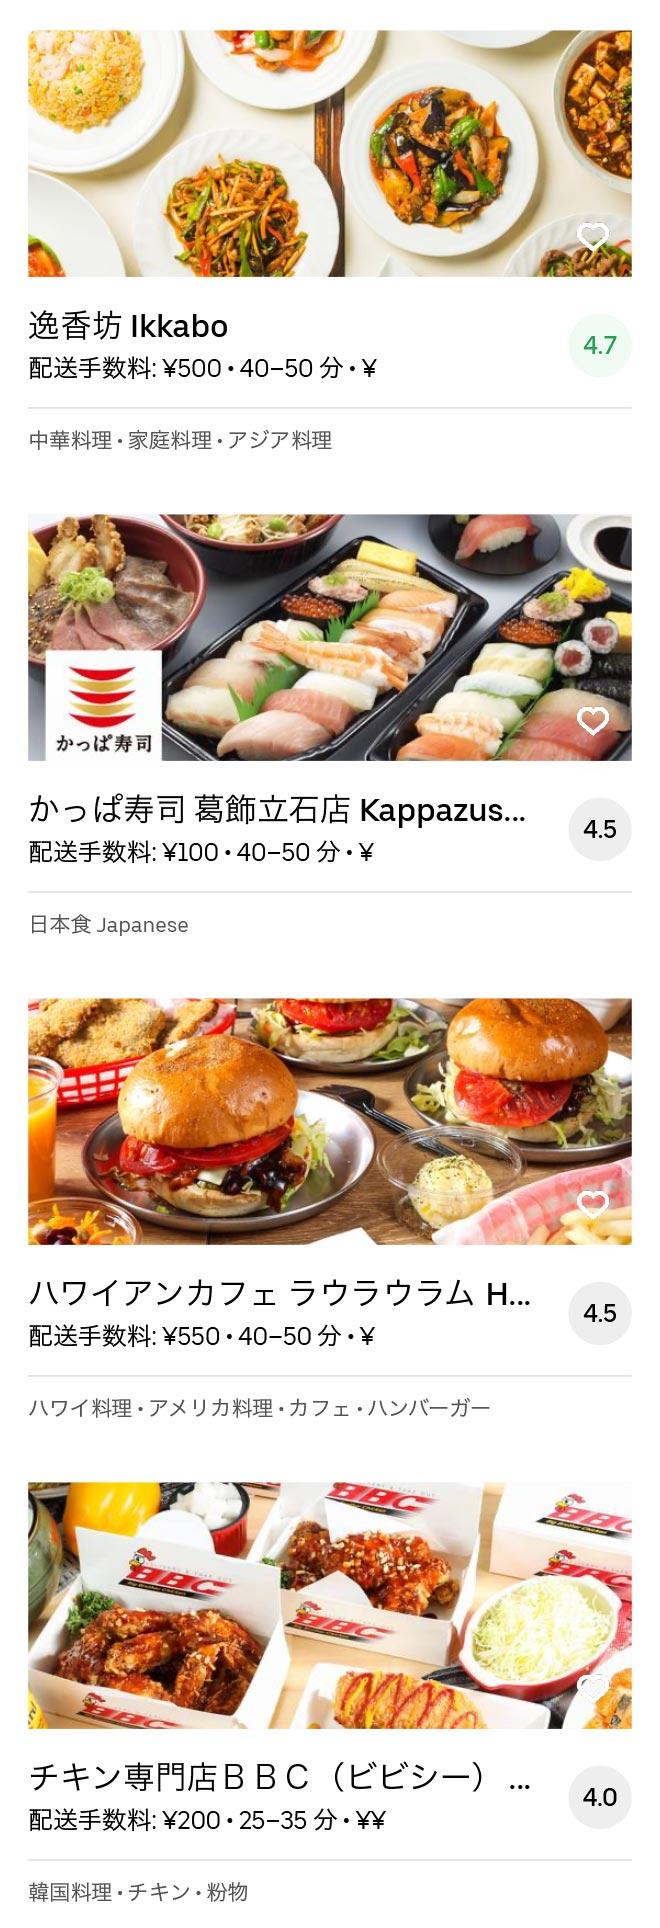 Tokyo aoto menu 2005 04